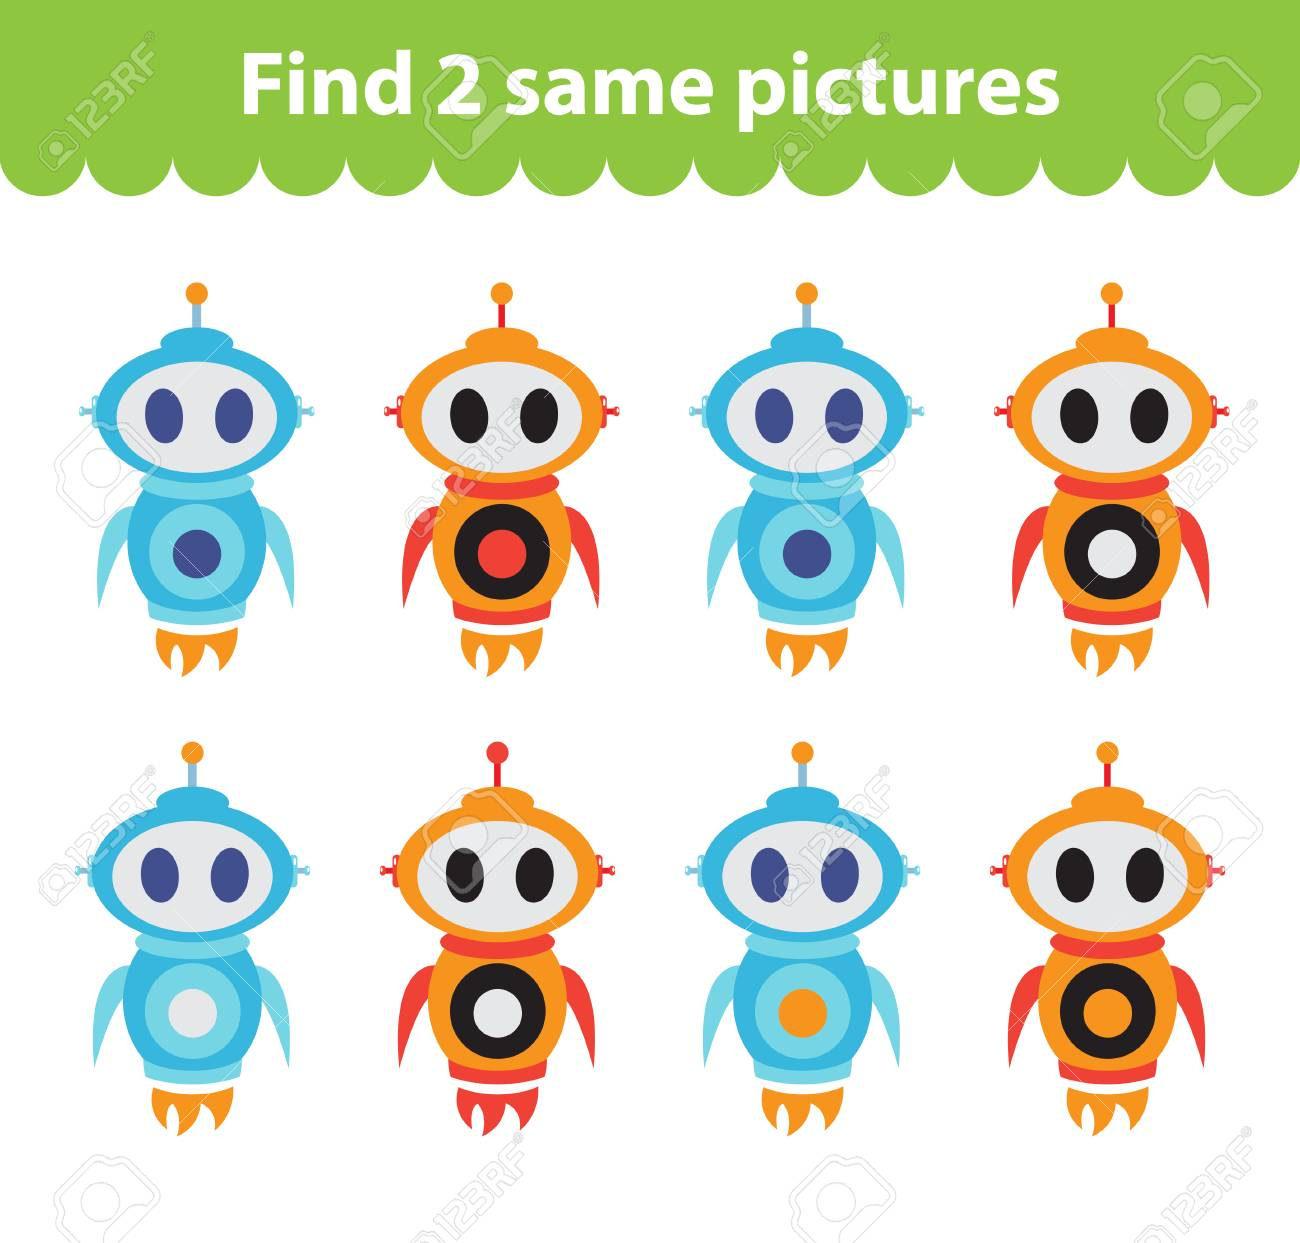 Jeu Éducatif Pour Enfants. Trouver Deux Mêmes Images. Ensemble Du Robot,  Pour Le Jeu Trouver Deux Mêmes Images. Illustration Vectorielle concernant Les Jeux Educatif